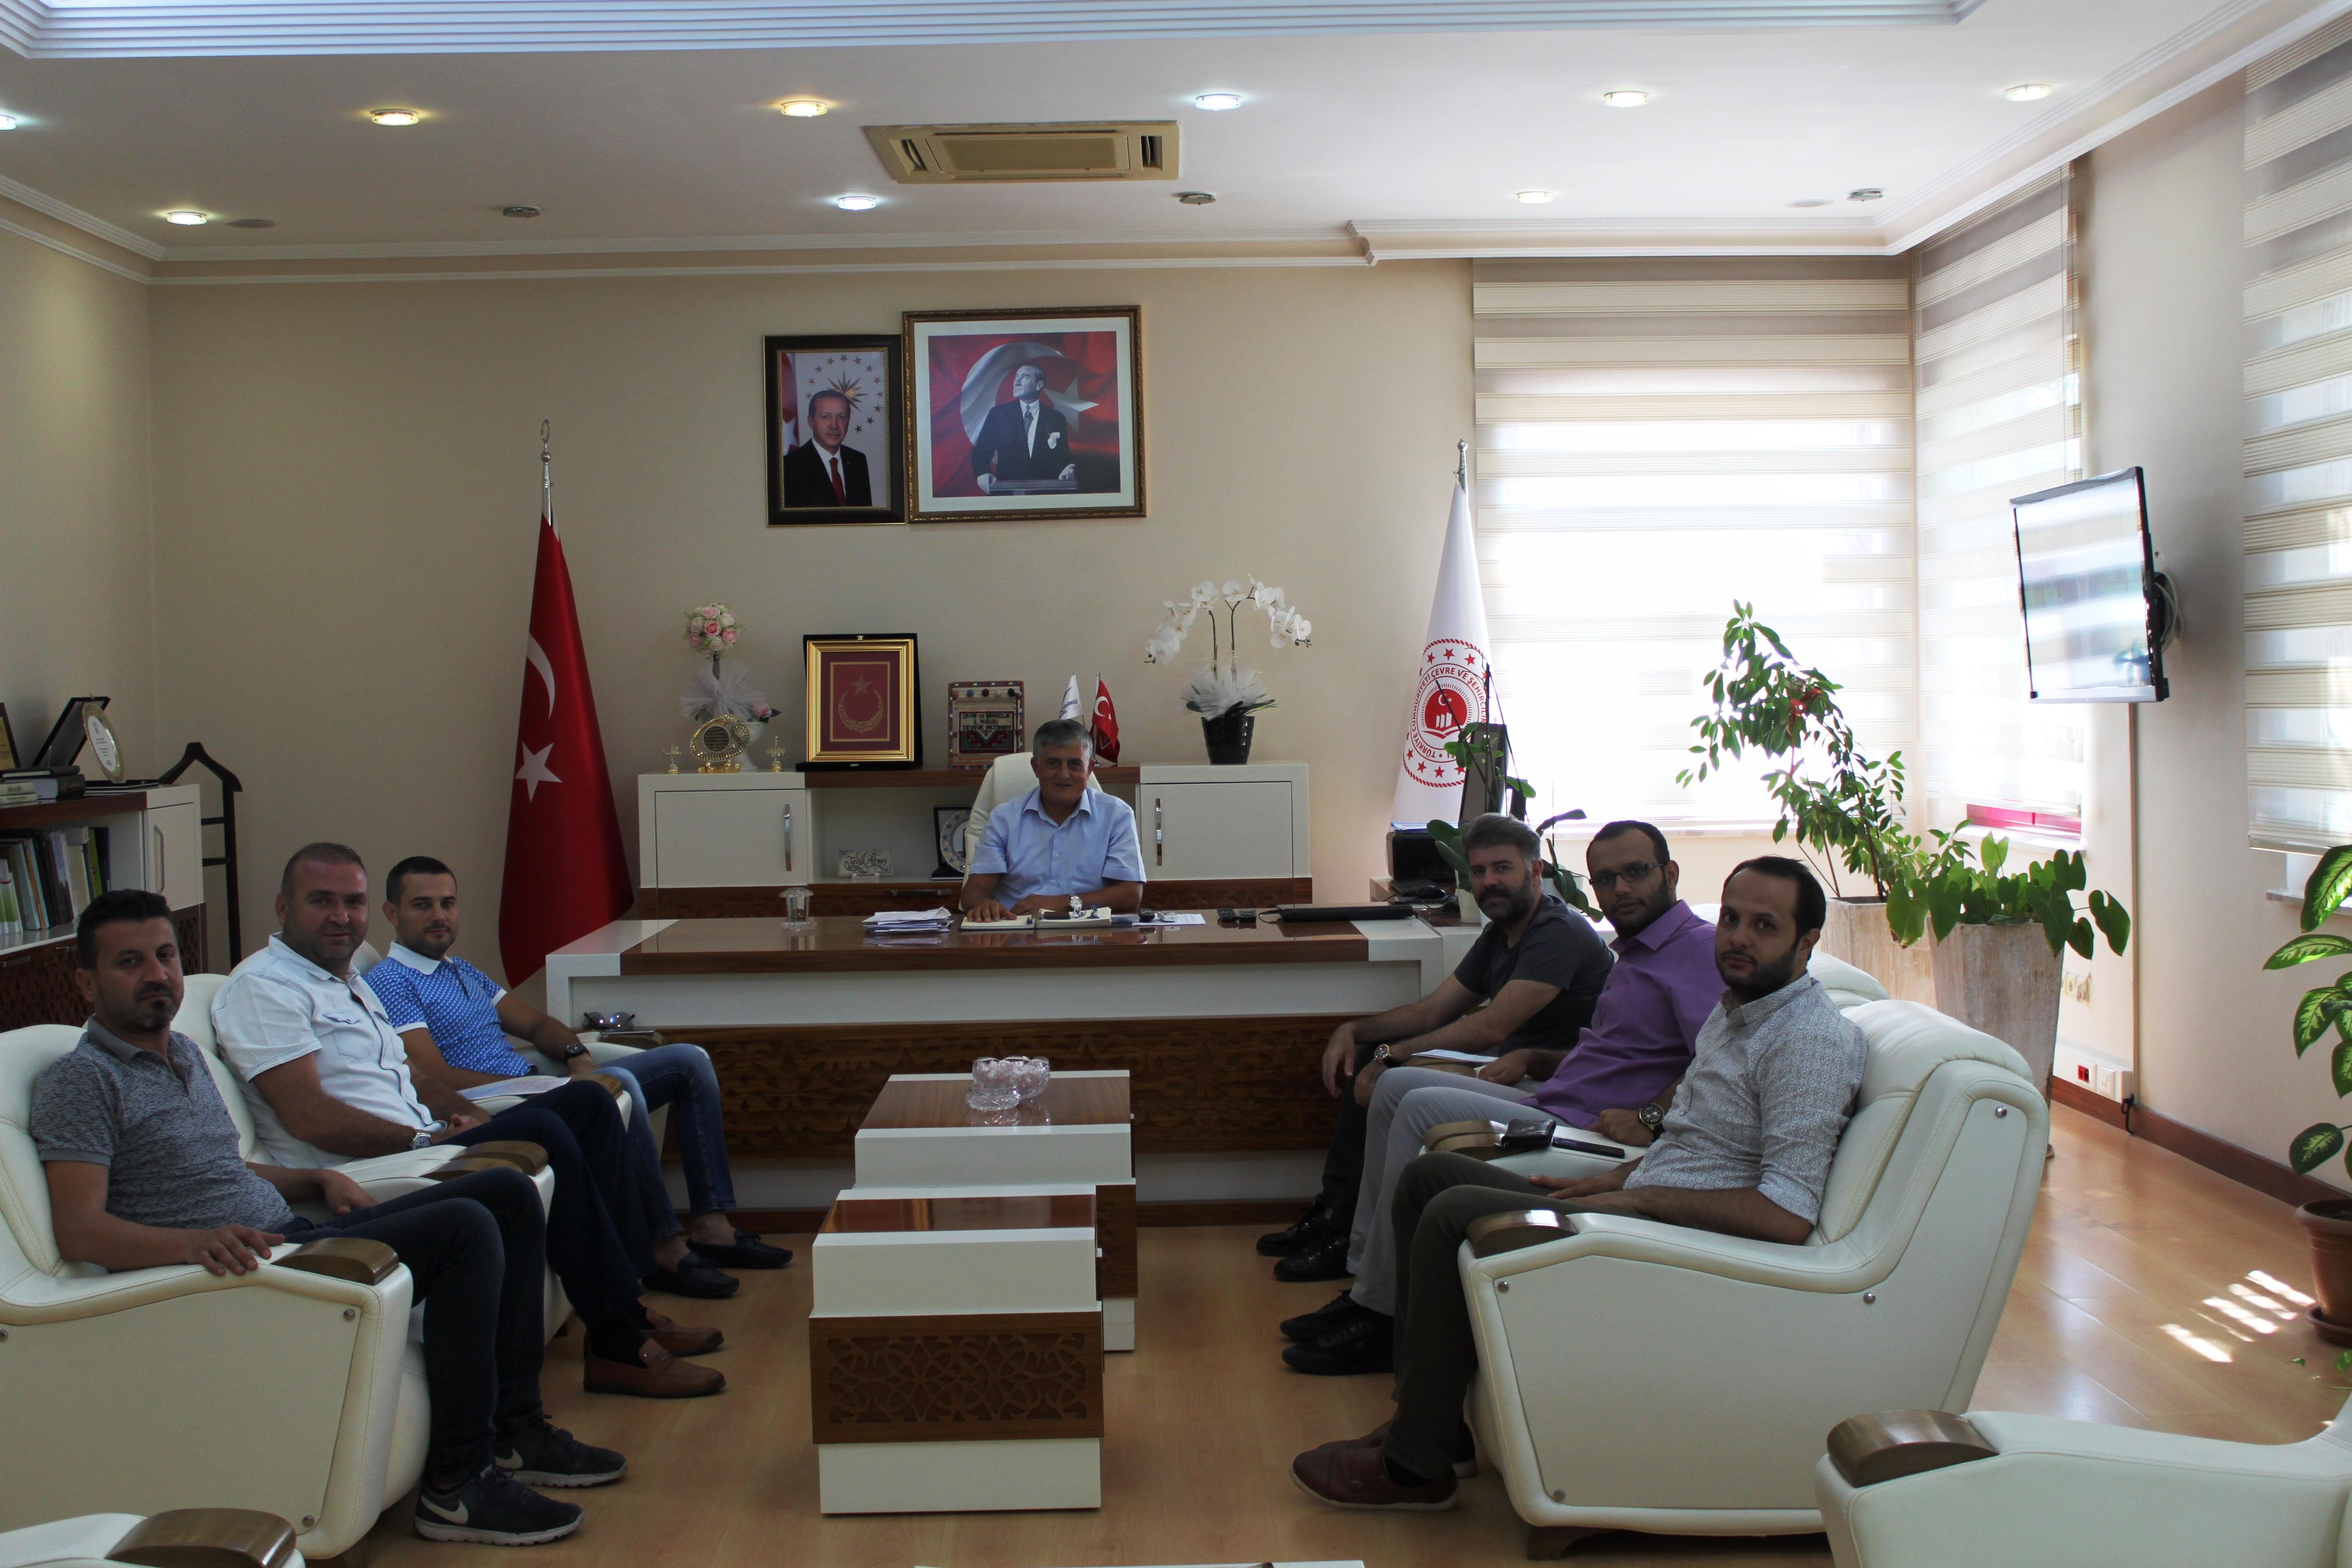 Antalya MÜSİAD Yönetim Kurulu İl Müdürümüzü makamında ziyaret etti.